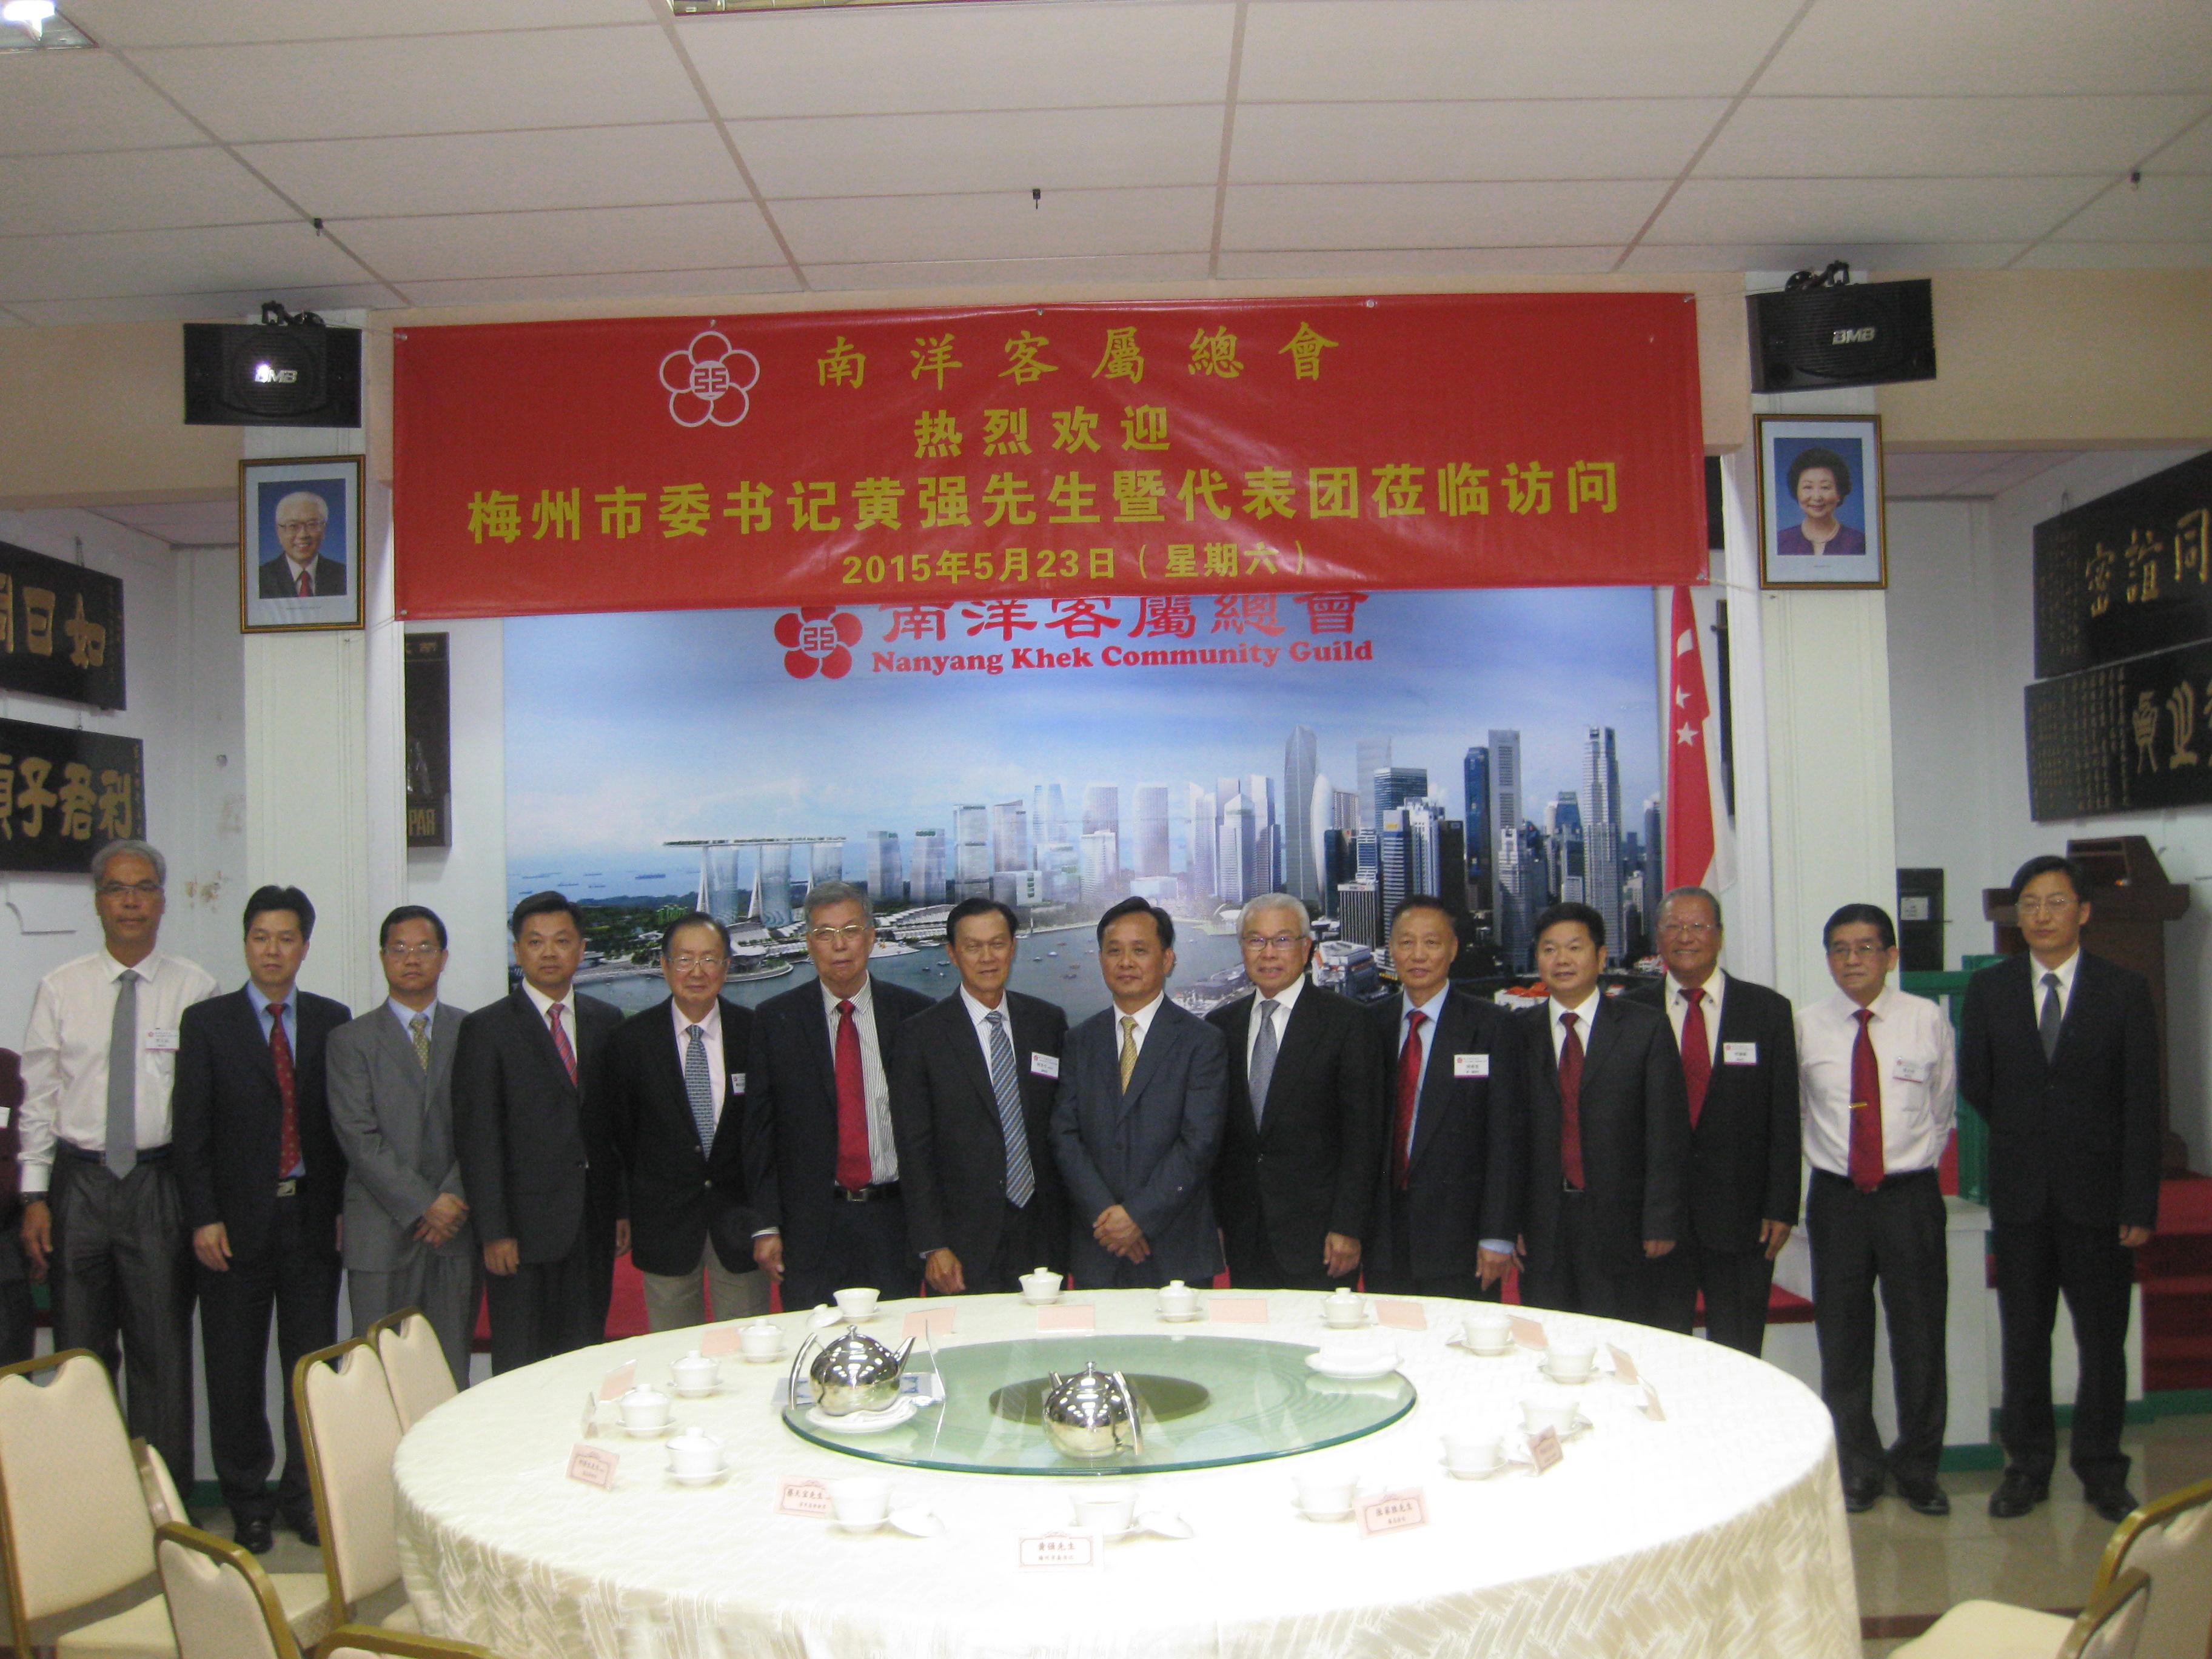 热烈欢迎梅州市委书记黄强先生暨代表团莅